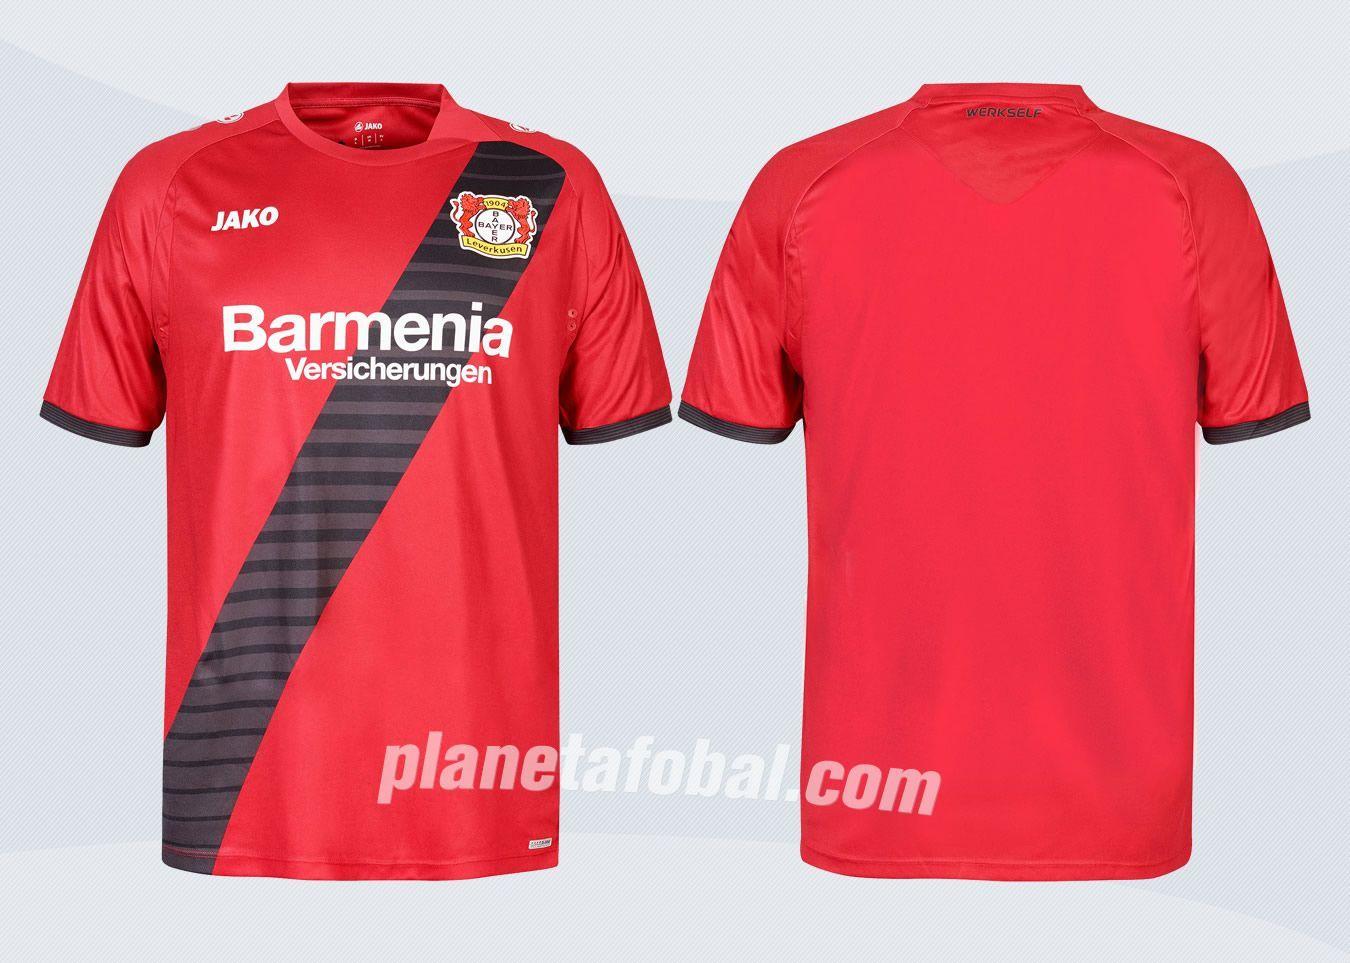 Camiseta suplente Jako del Bayer Leverkusen para 2016/2017 | Imágenes Tienda Oficial